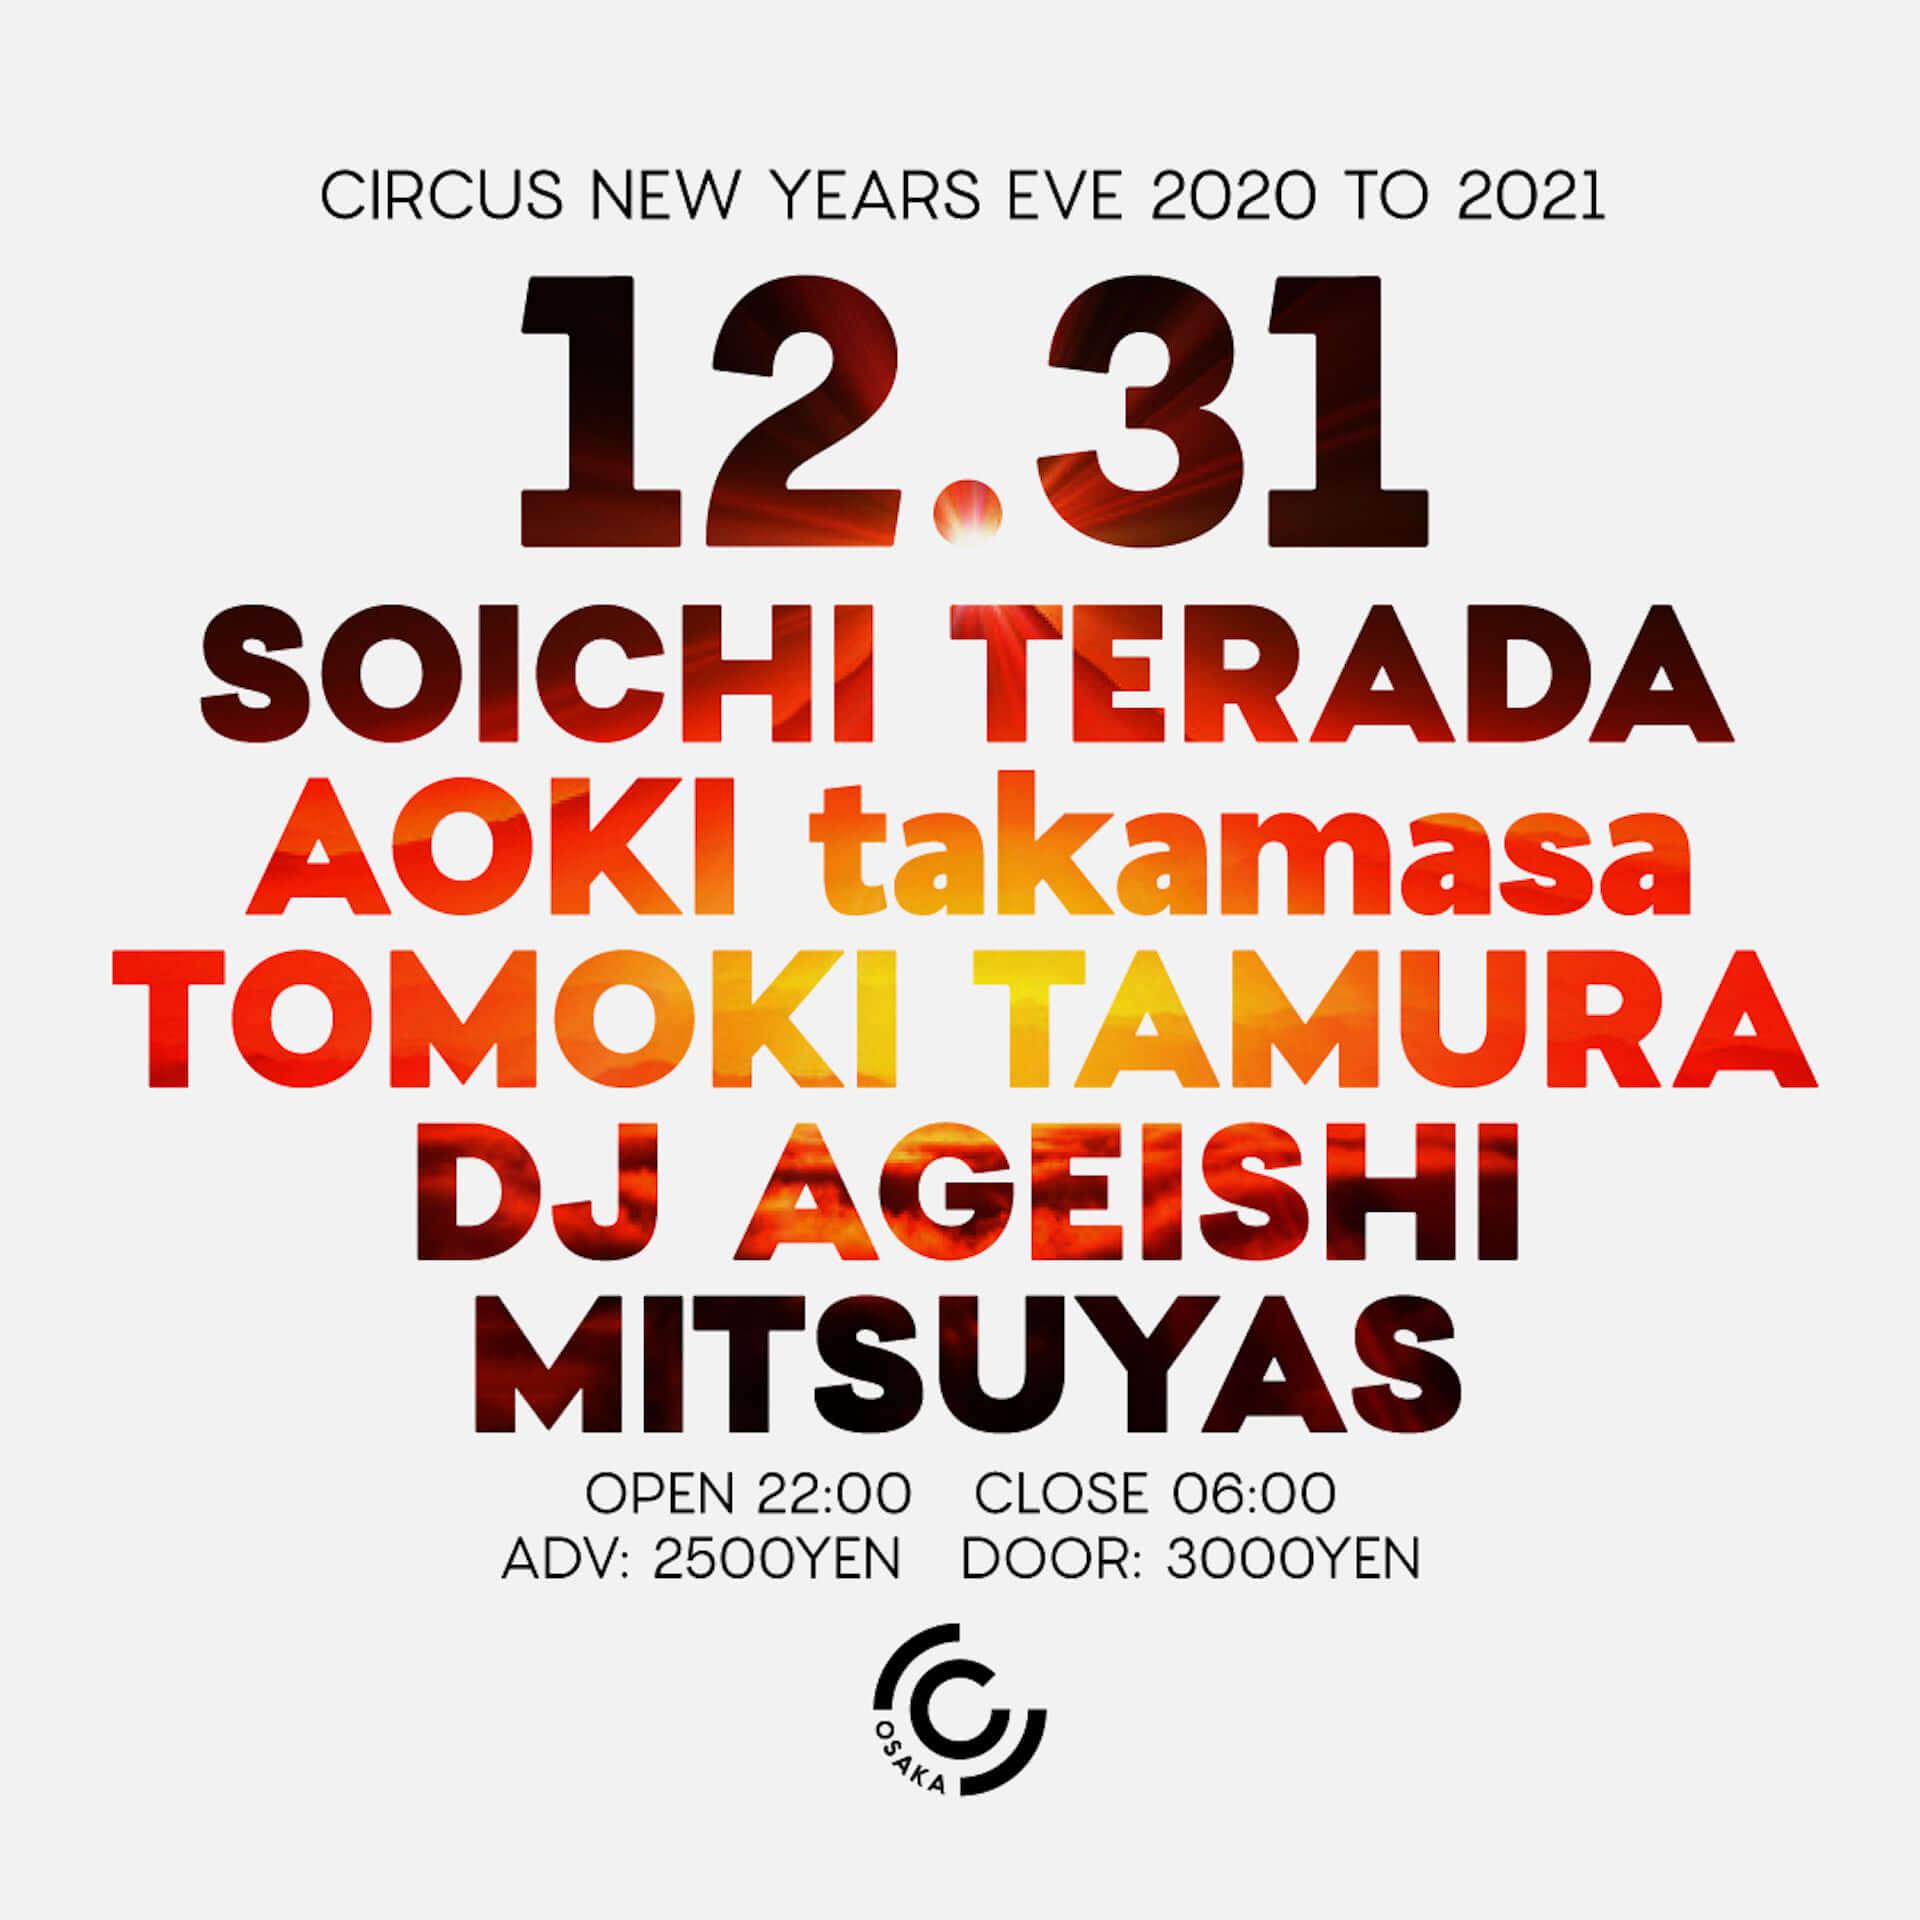 CIRCUS OSAKAのカウントダウンイベントにAOKI takamasa、Tomoki Tamura、DJ AGEISHIらが出演決定!Soichi Teradaのライブセットも music201221_circus-osaka_1-1920x1920